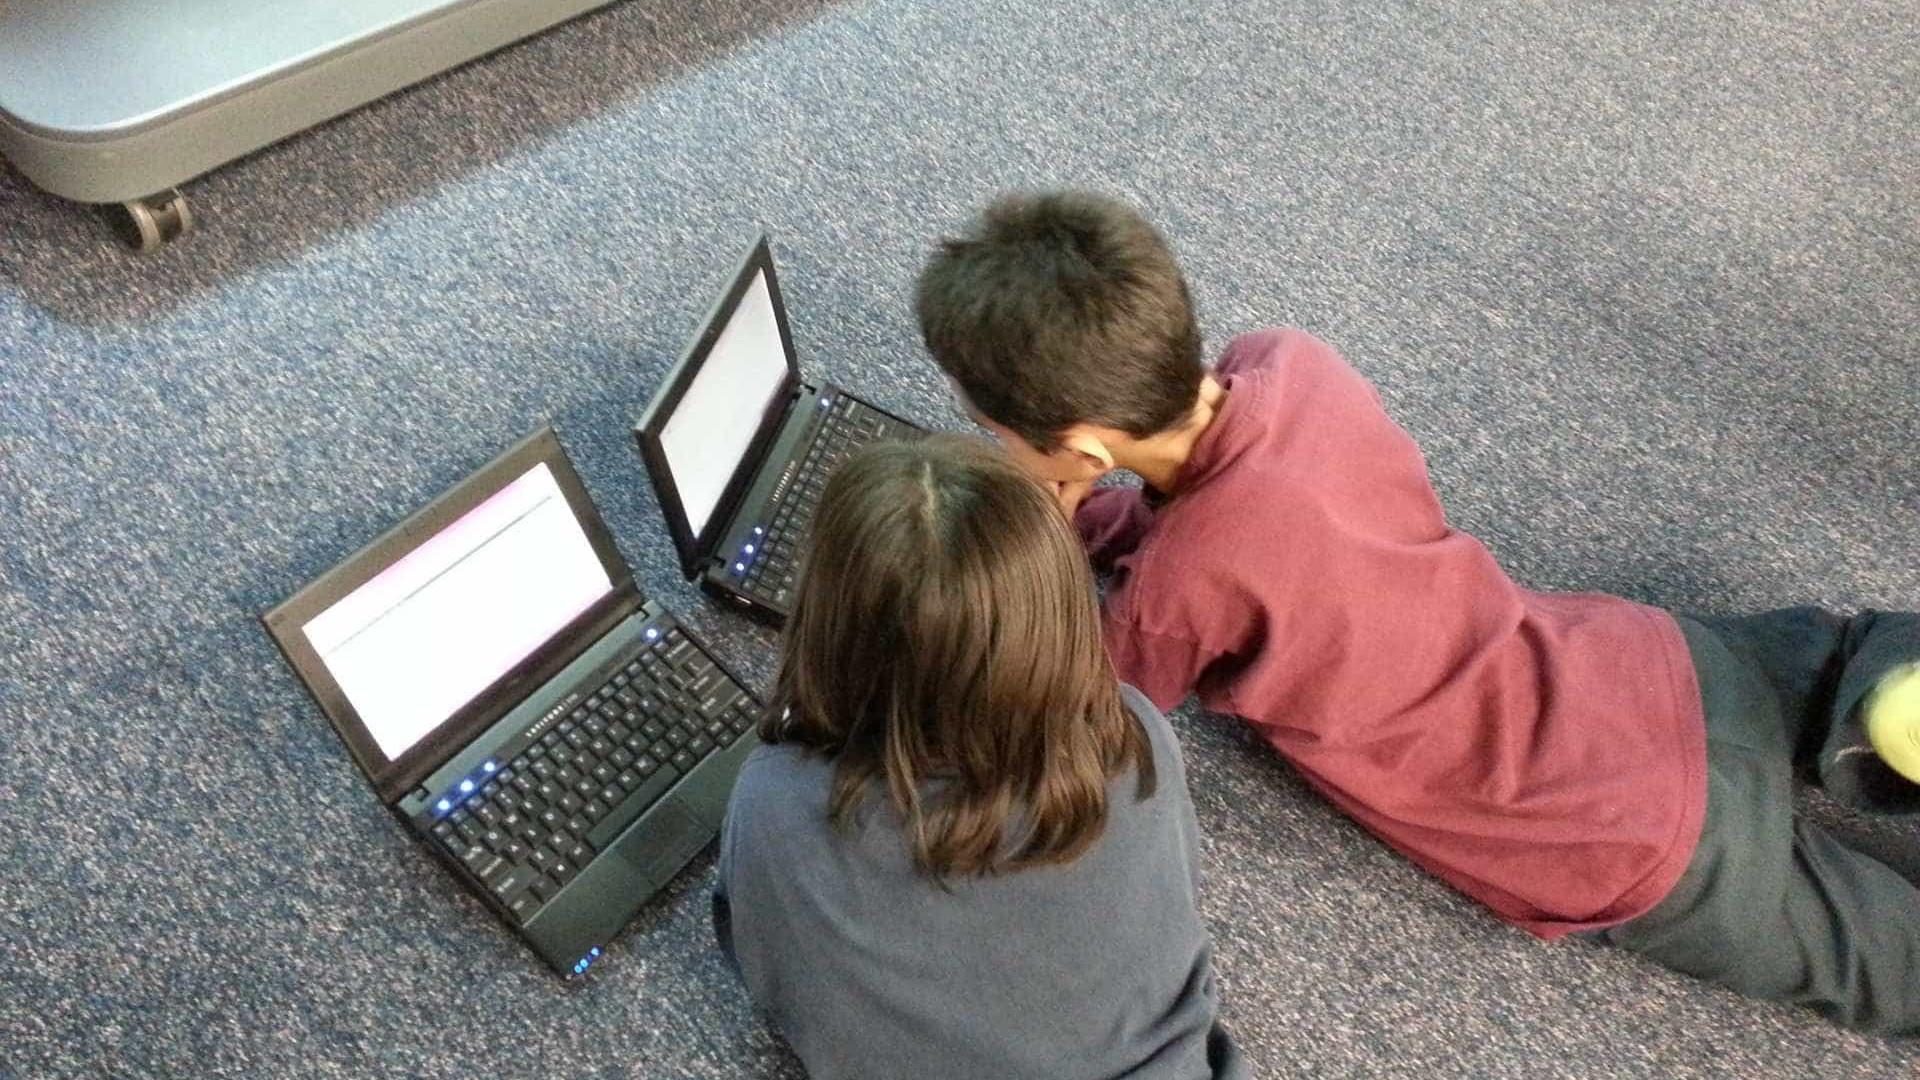 Com férias, pais devem acompanhar uso da internet